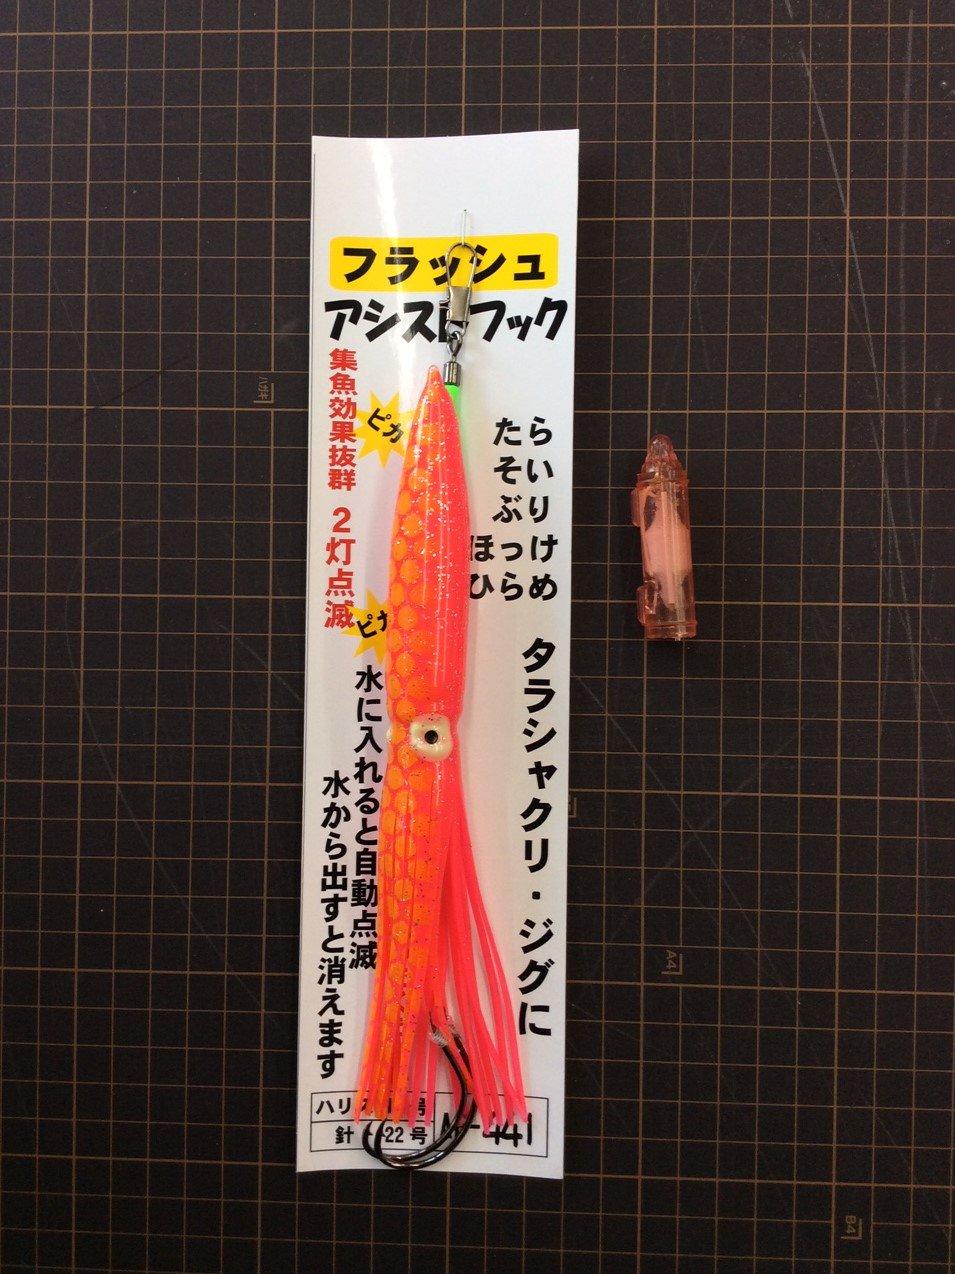 フラッシュアシストフック AF-441 6.5オレンジ/ピンク